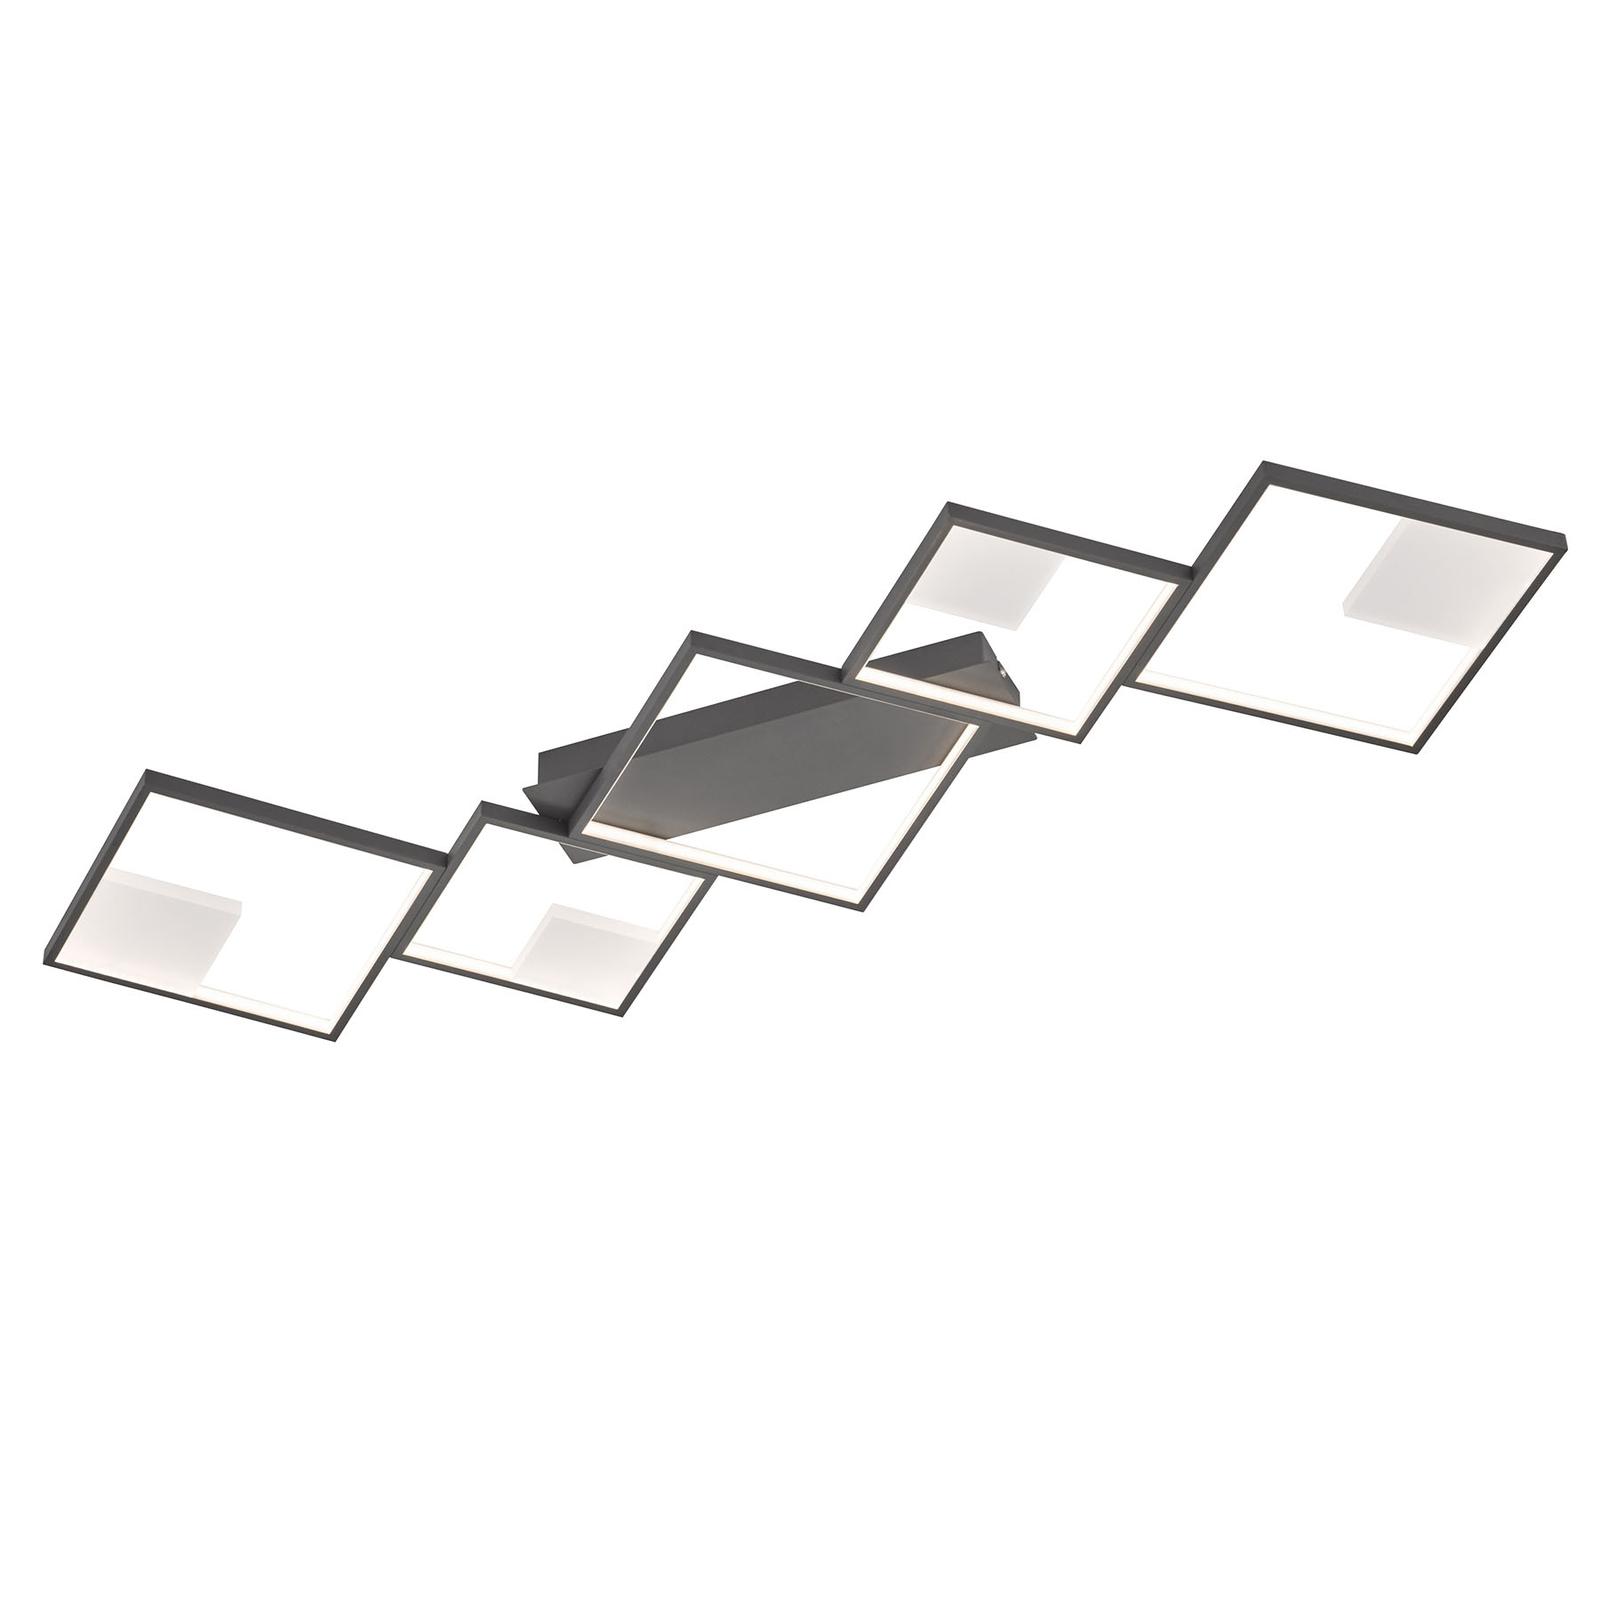 LED-taklampa Jade, dimbar via väggbrytare